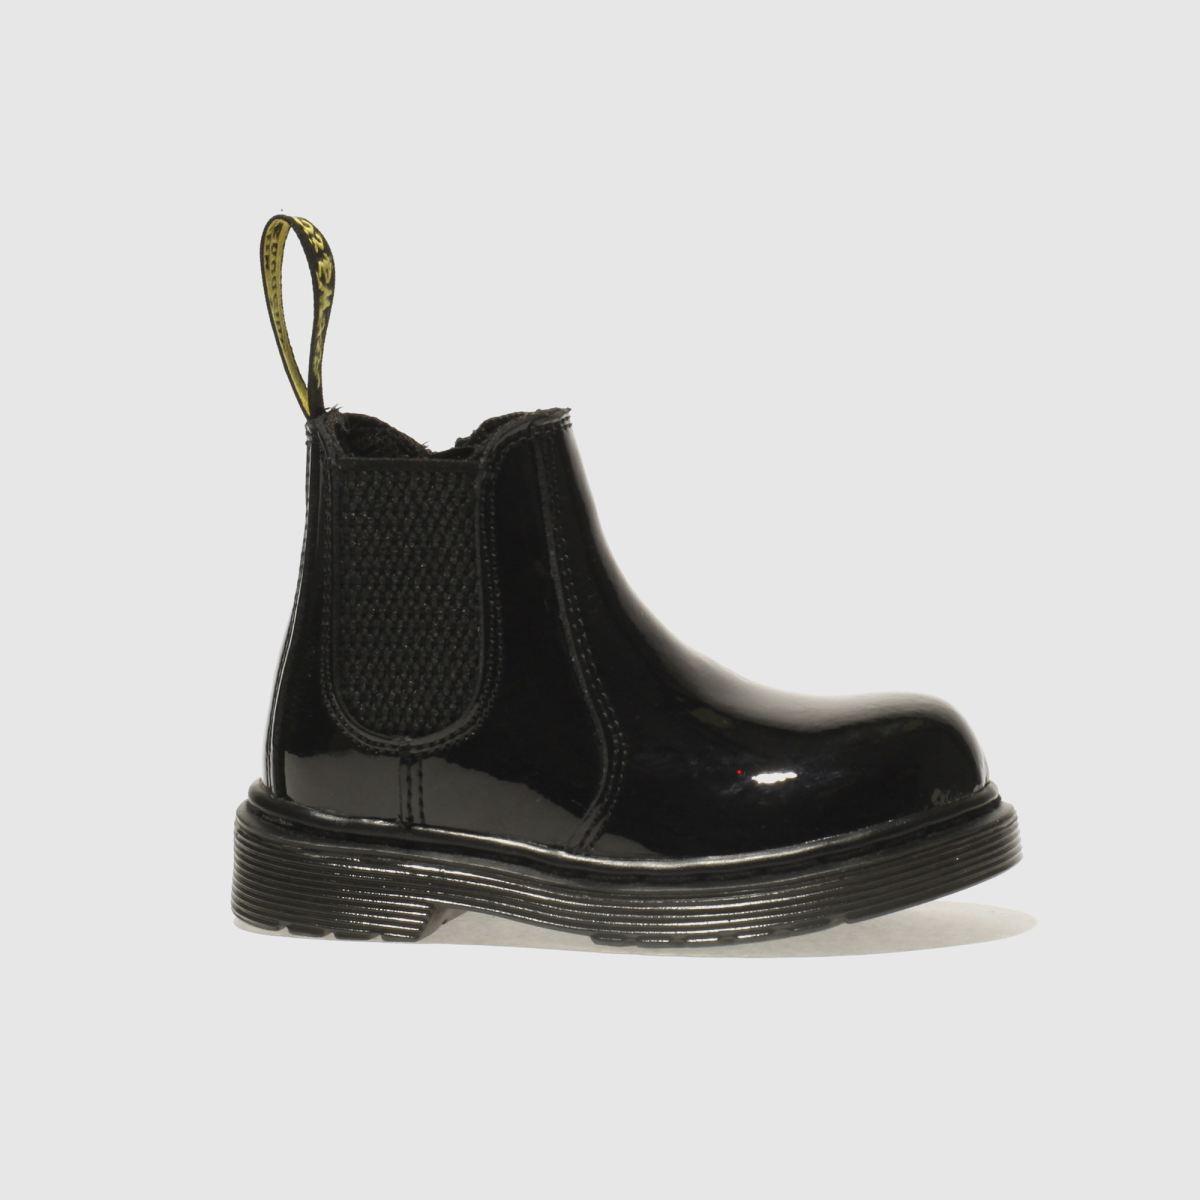 Dr Martens Black 2976 Girls Toddler Boots